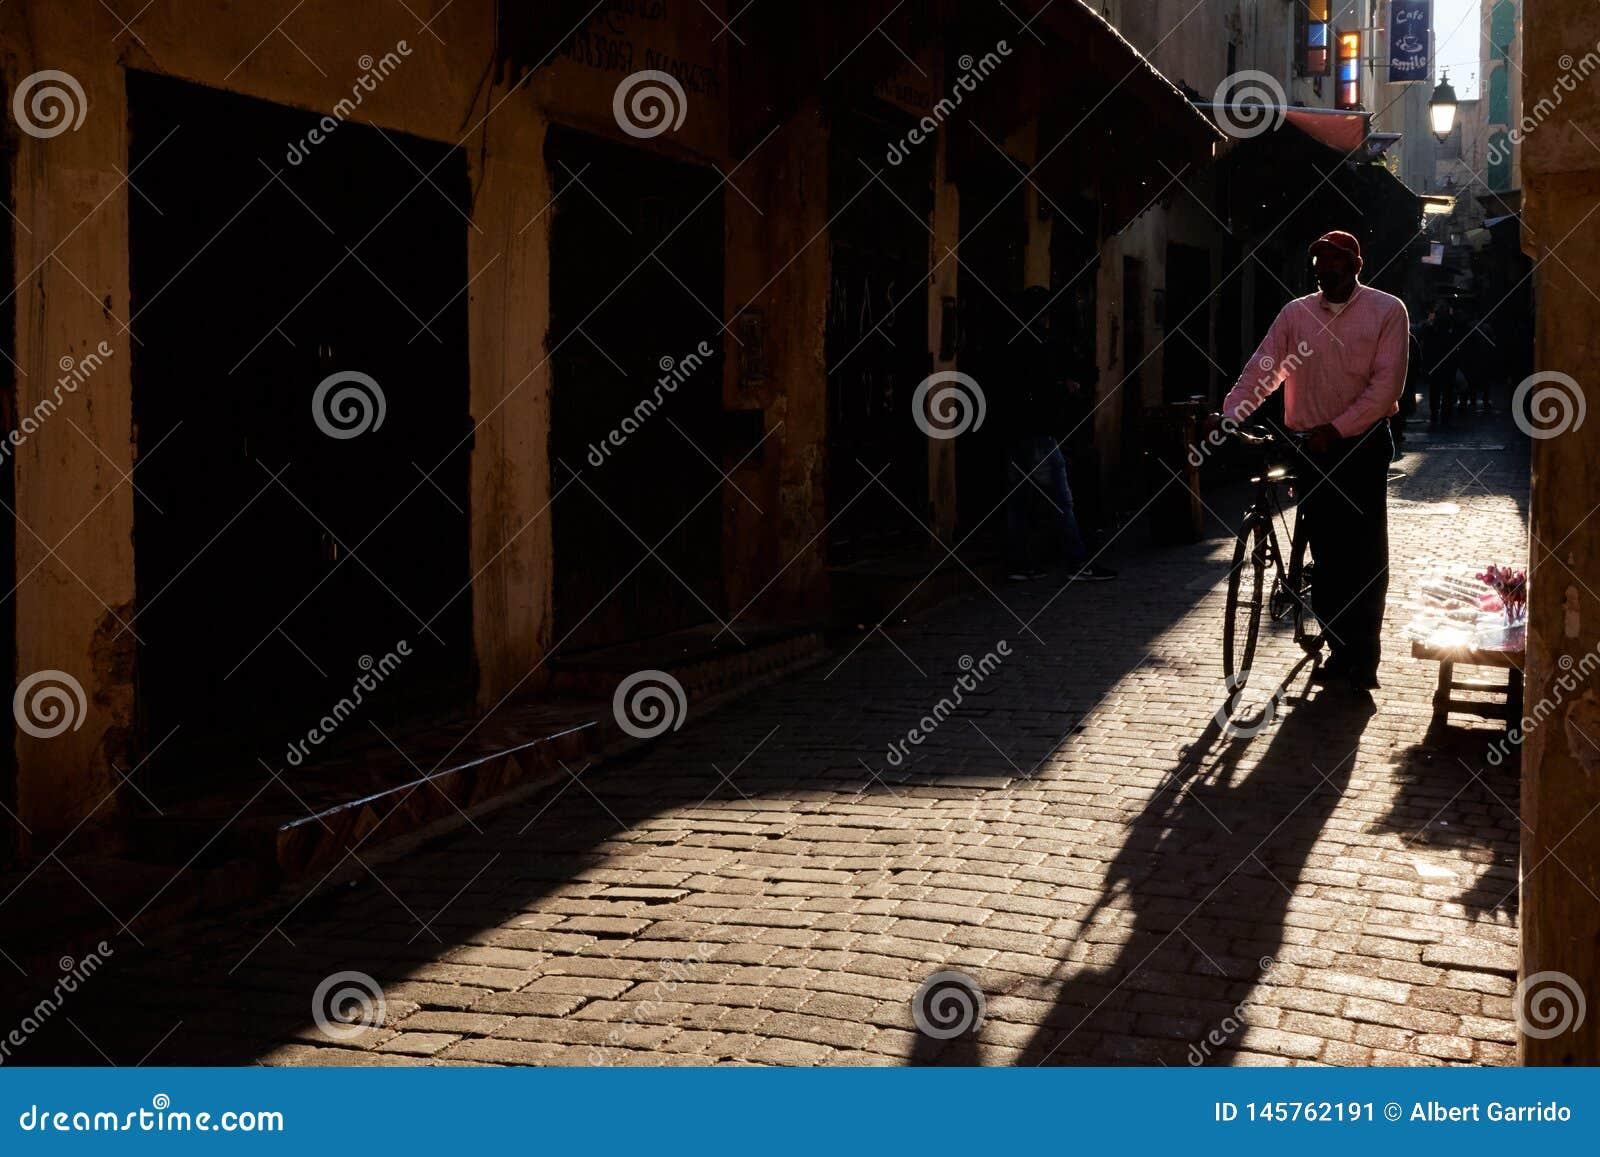 Fez, Marrocos - 7 de dezembro de 2018: Cavalheiro marroquino que anda abaixo de uma rua velha no medina do fez com uma bicicleta